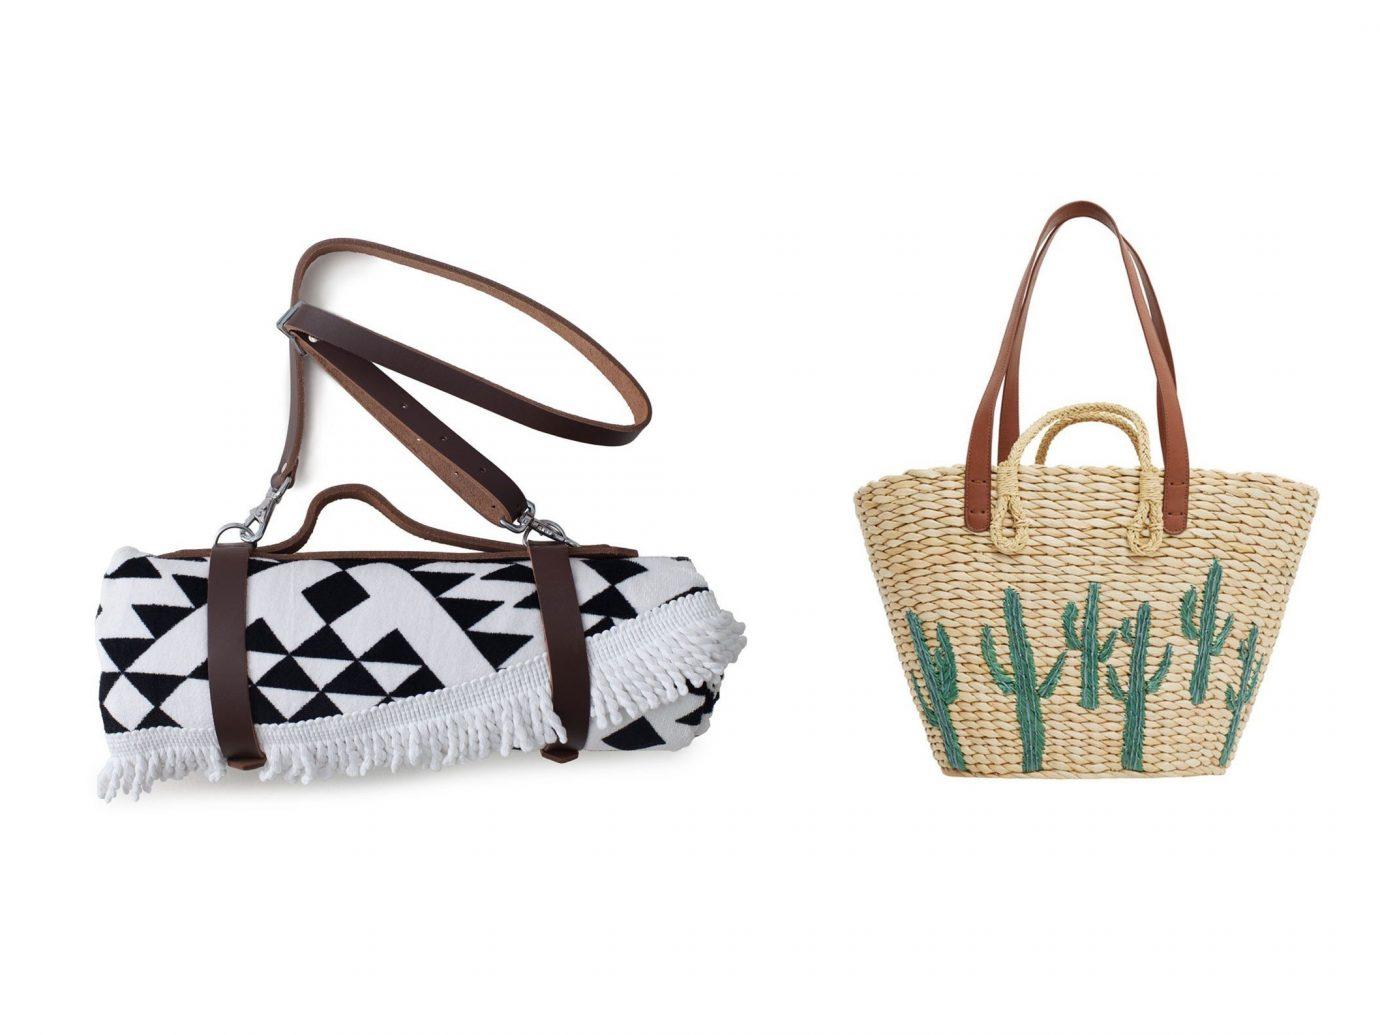 Style + Design handbag bag shoulder bag fashion accessory product basket brand tote bag pattern